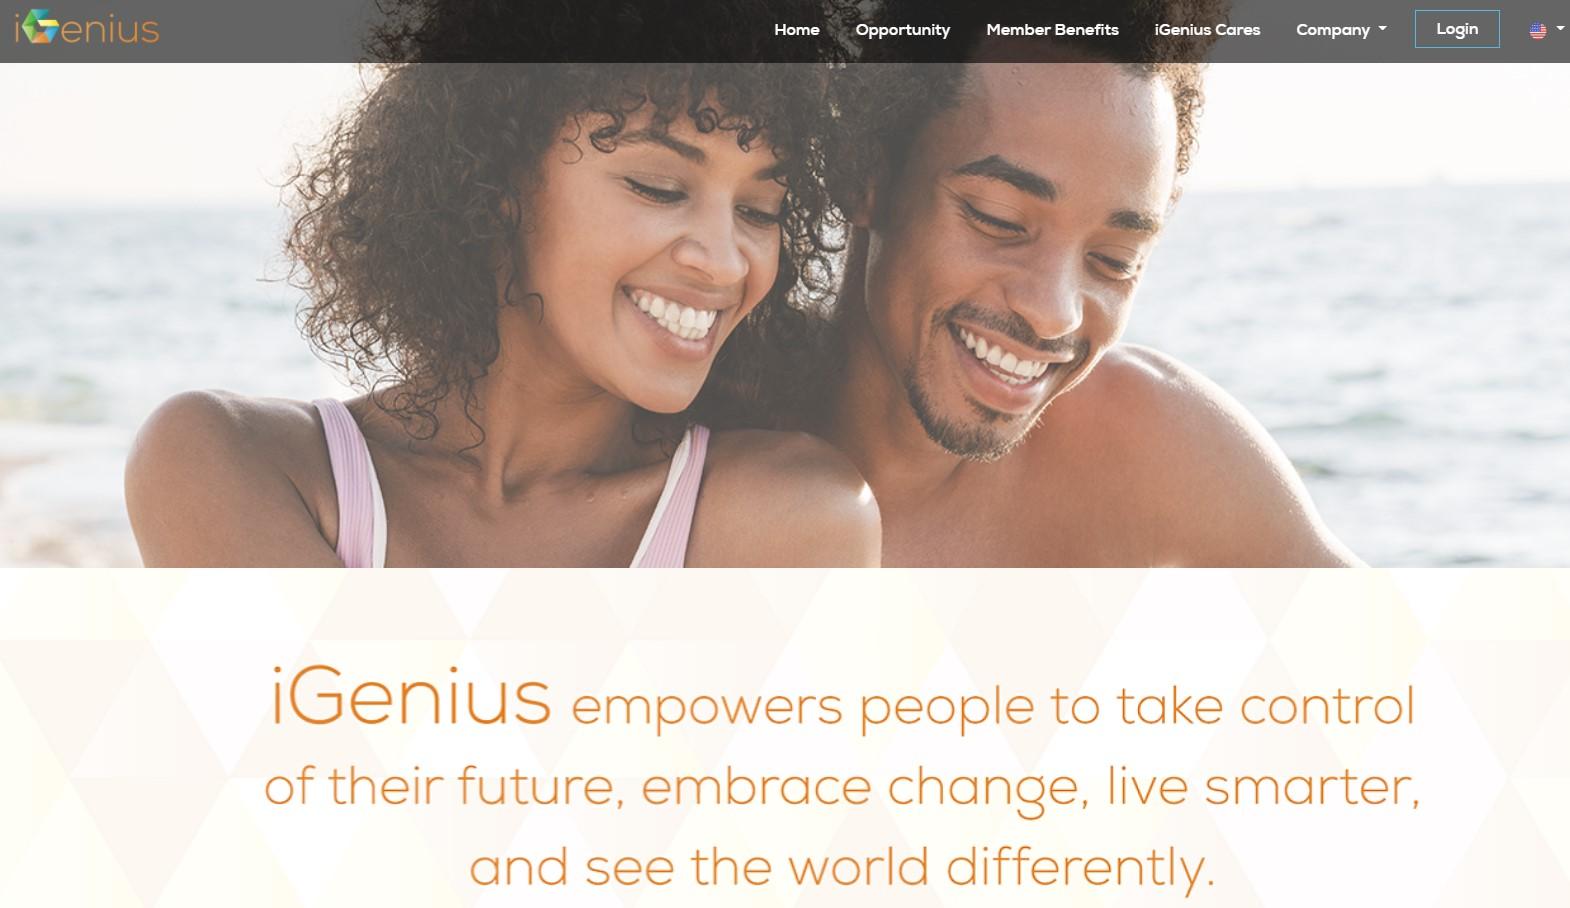 iGenius Global scam